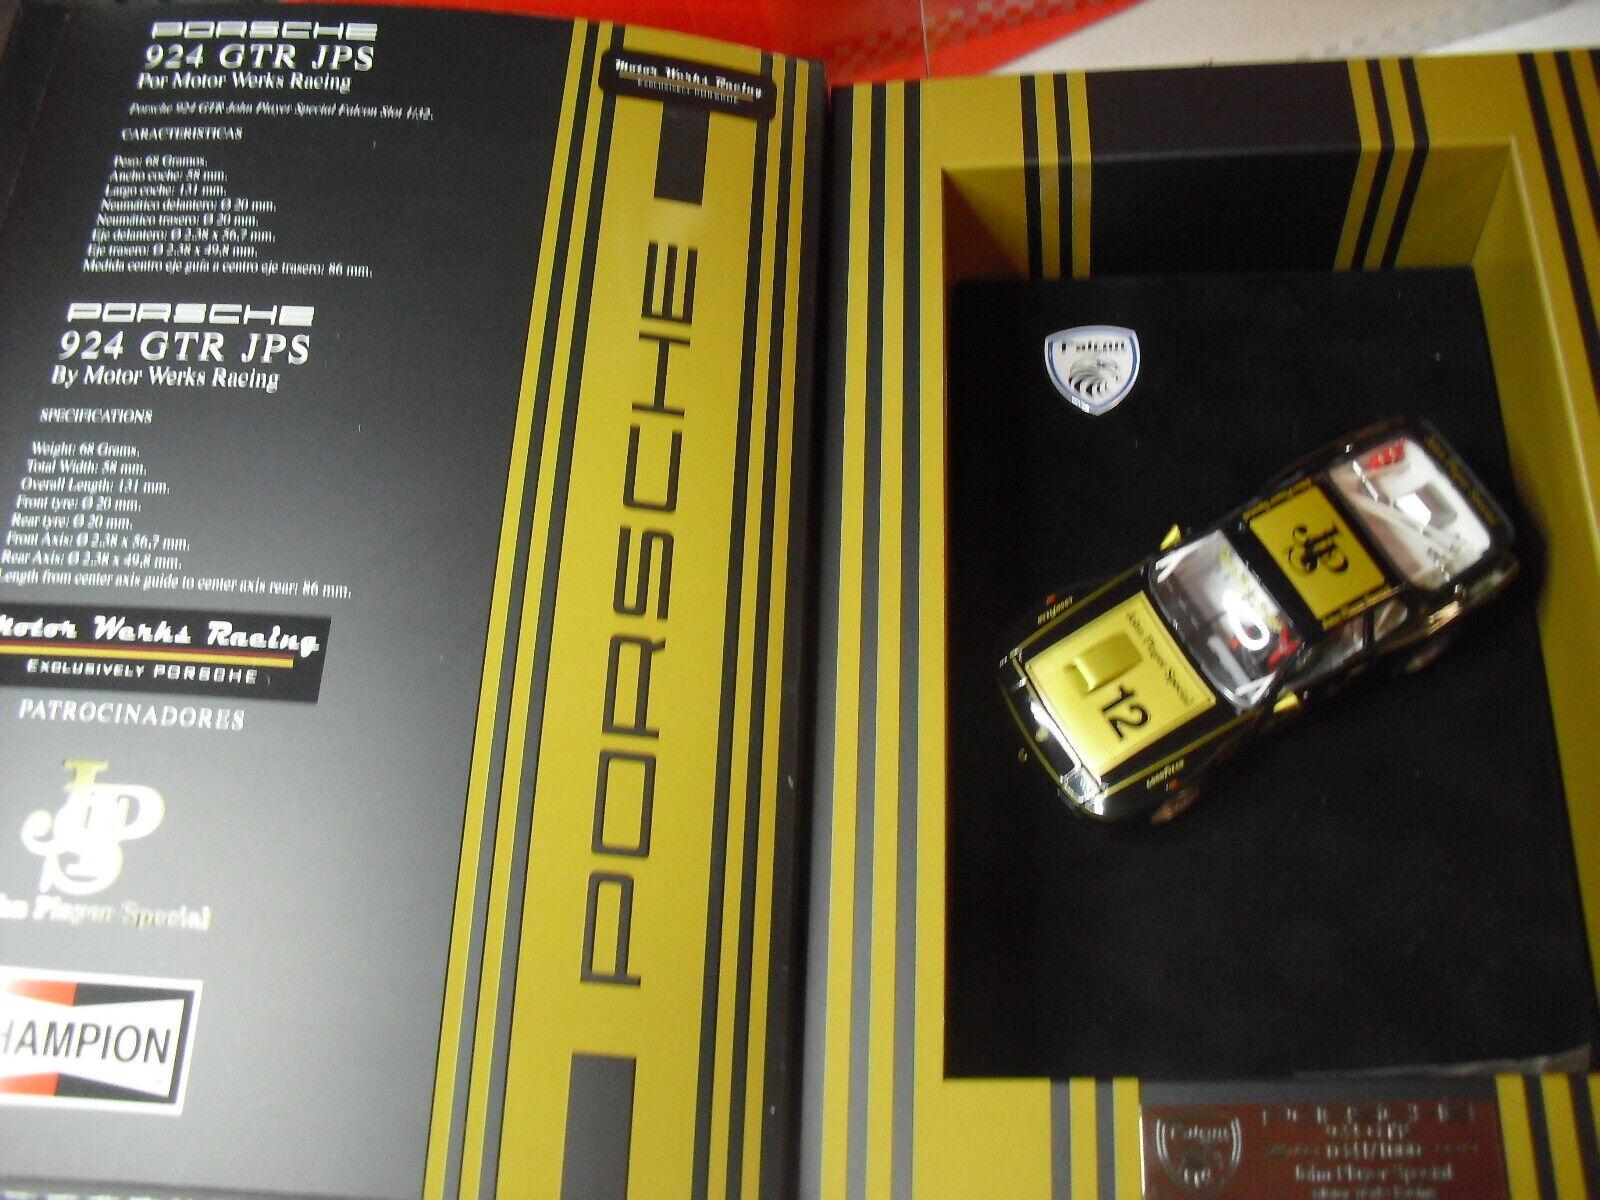 09FA2 Falcon Slot Porsche 924 Jps John Player Ausgabe limitierte only 1000 unt